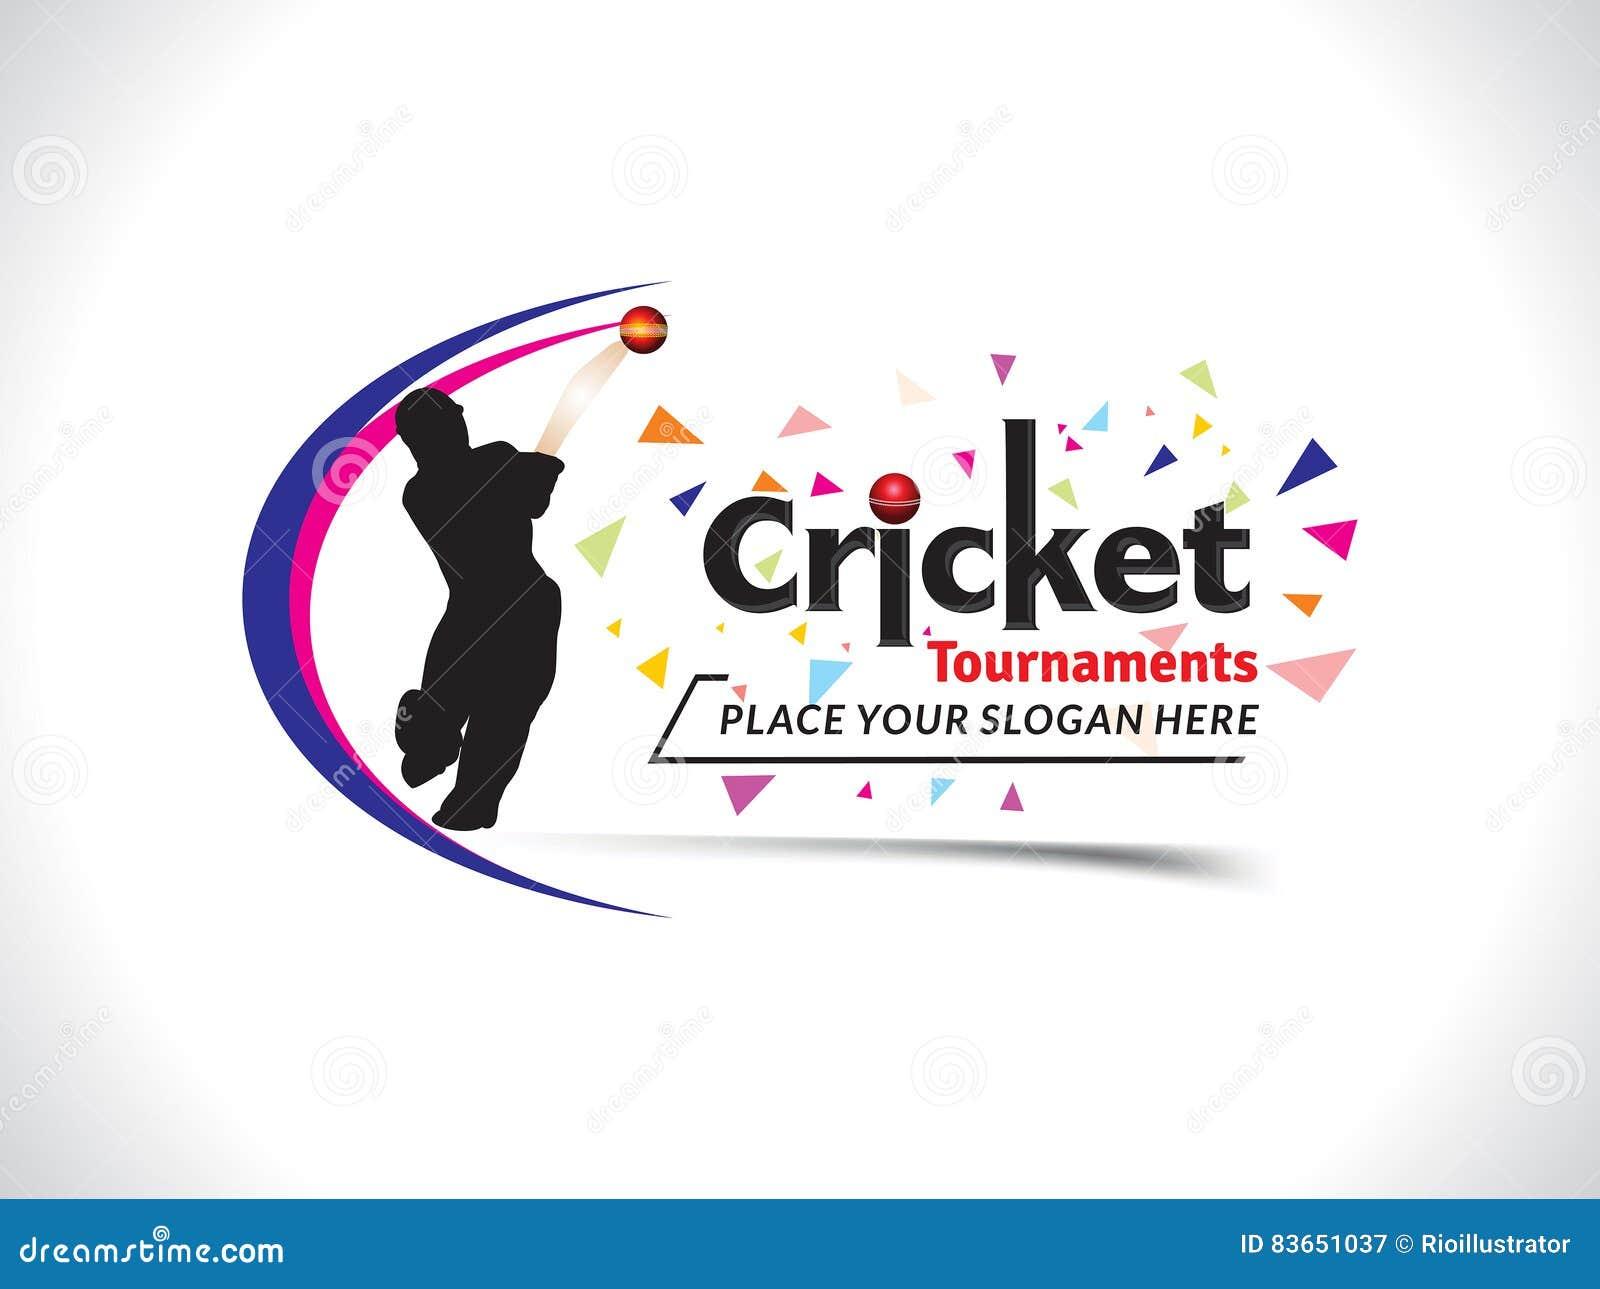 Cricket tournament banner background